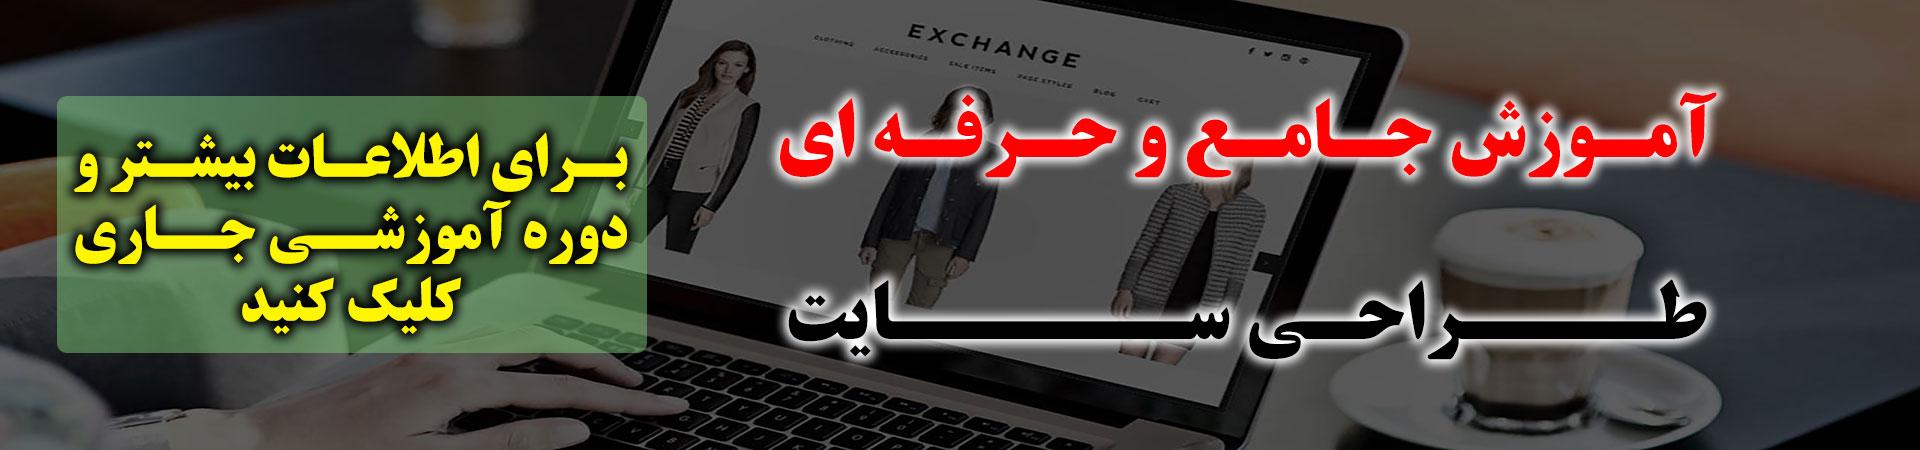 آموزش جامع طراحی سایت در کرمان